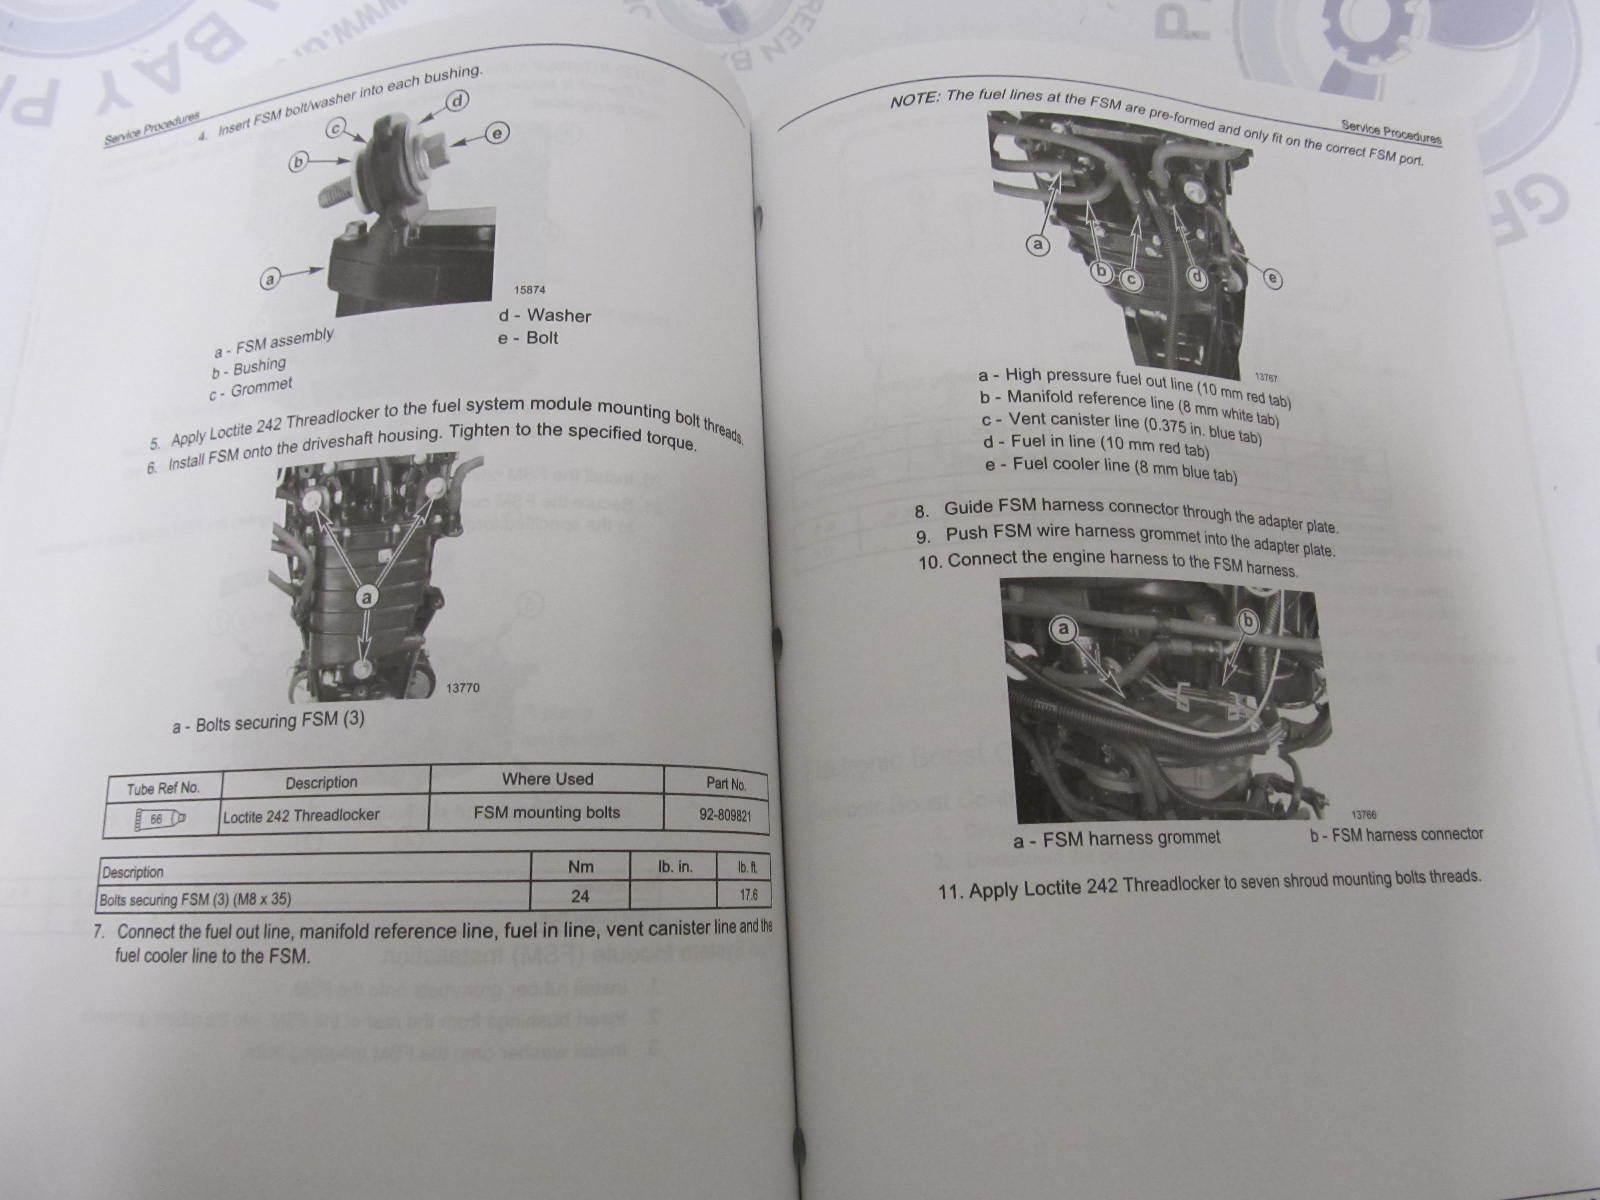 Verado 150 Service Manual Yamaha Yb100 Wiring Diagram Array 90 897928300 Mercury Outboard 135 175 4 Stroke Rh Greenbayprop Com